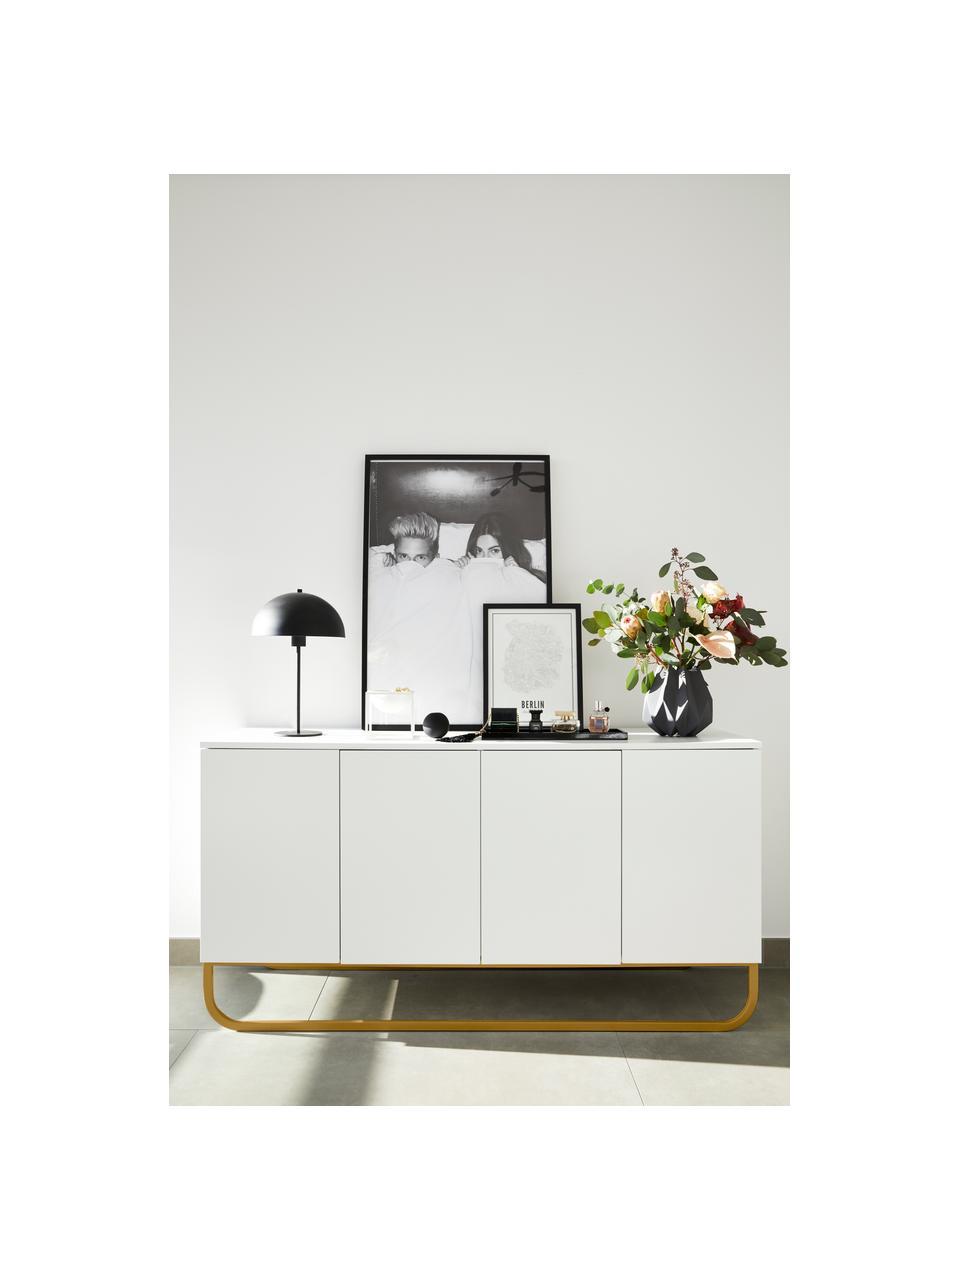 Klassisches Sideboard Sanford mit Türen in Weiß, Korpus: Mitteldichte Holzfaserpla, Fußgestell: Metall, pulverbeschichtet, Korpus: Weiß, mattFußgestell: Goldfarben, matt, 160 x 83 cm